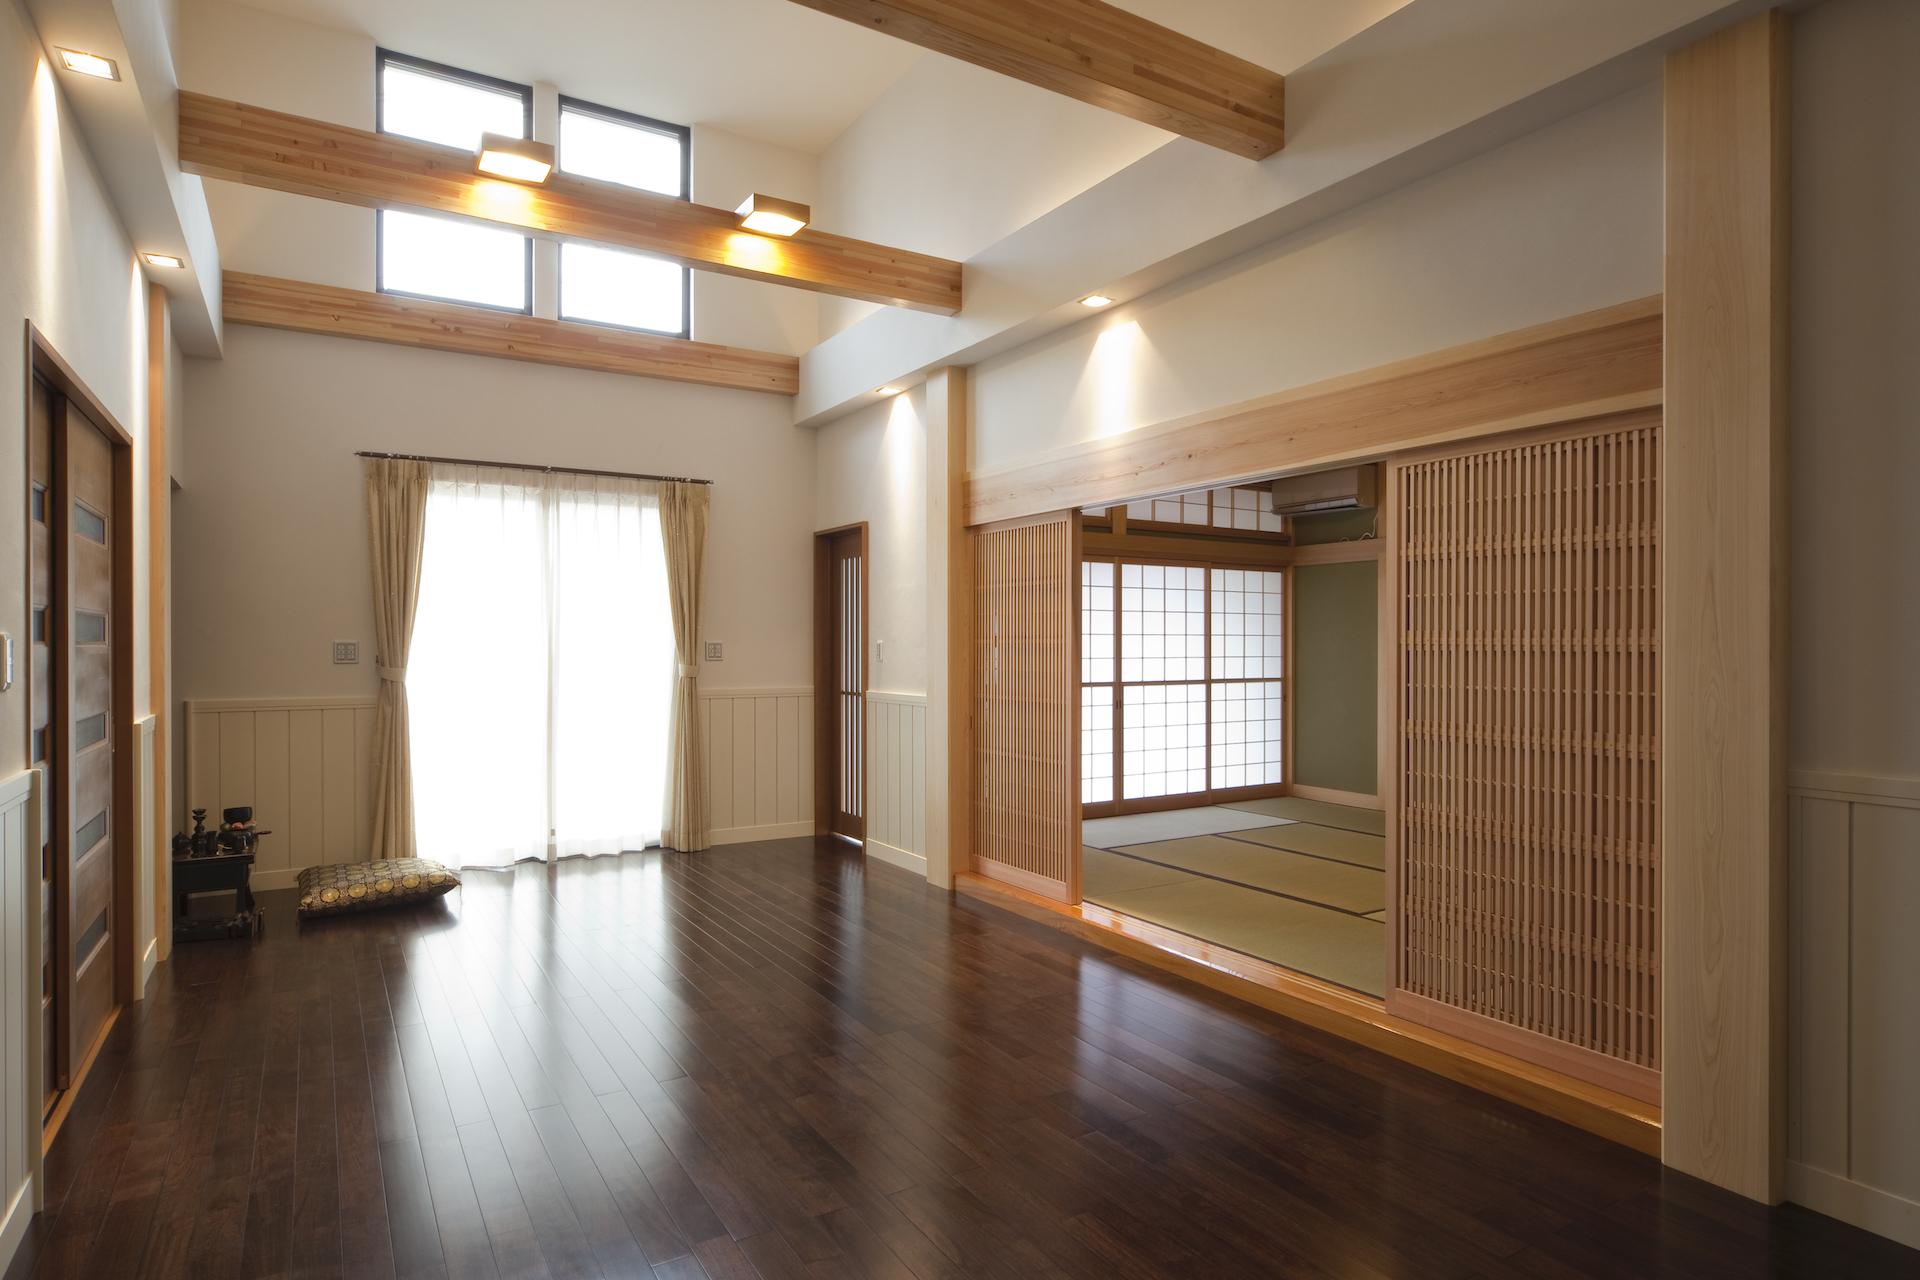 匠集団 槌音(つちおと)【デザイン住宅、和風、二世帯住宅】吹き抜けを持つ開放的なリビング。1年を通して室内に光を運ぶ高所窓は、通風を良くするために電動開閉式に